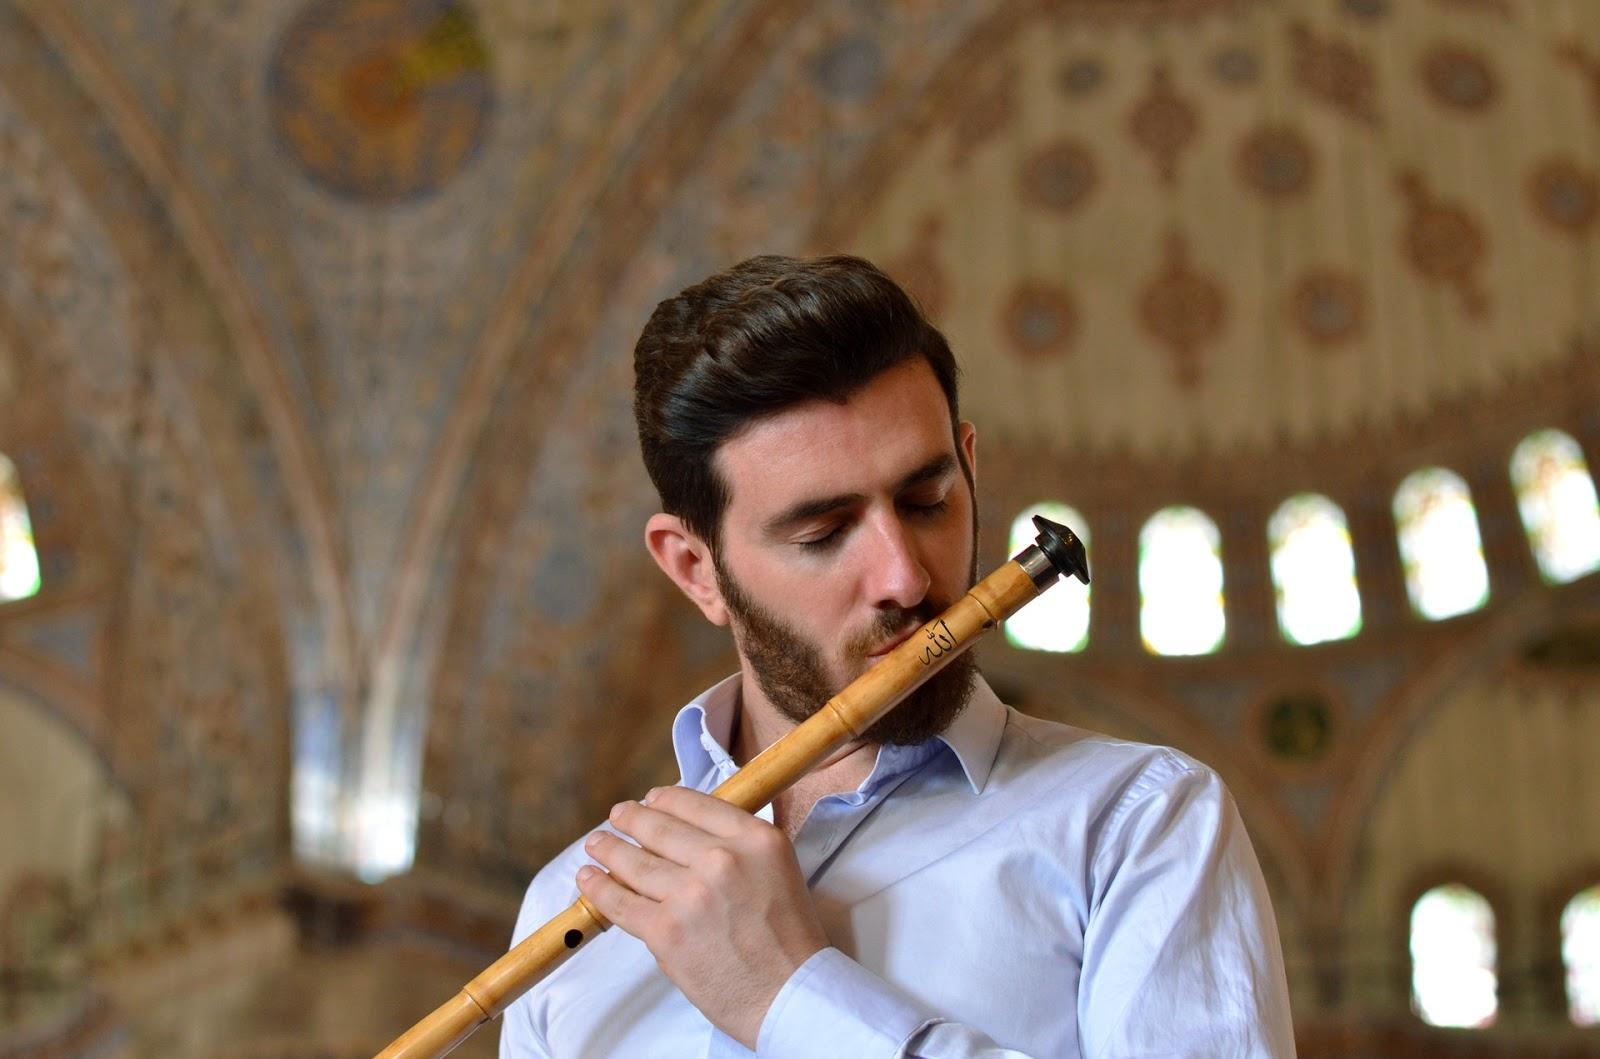 トルコ人男性のイケメンの多い理由